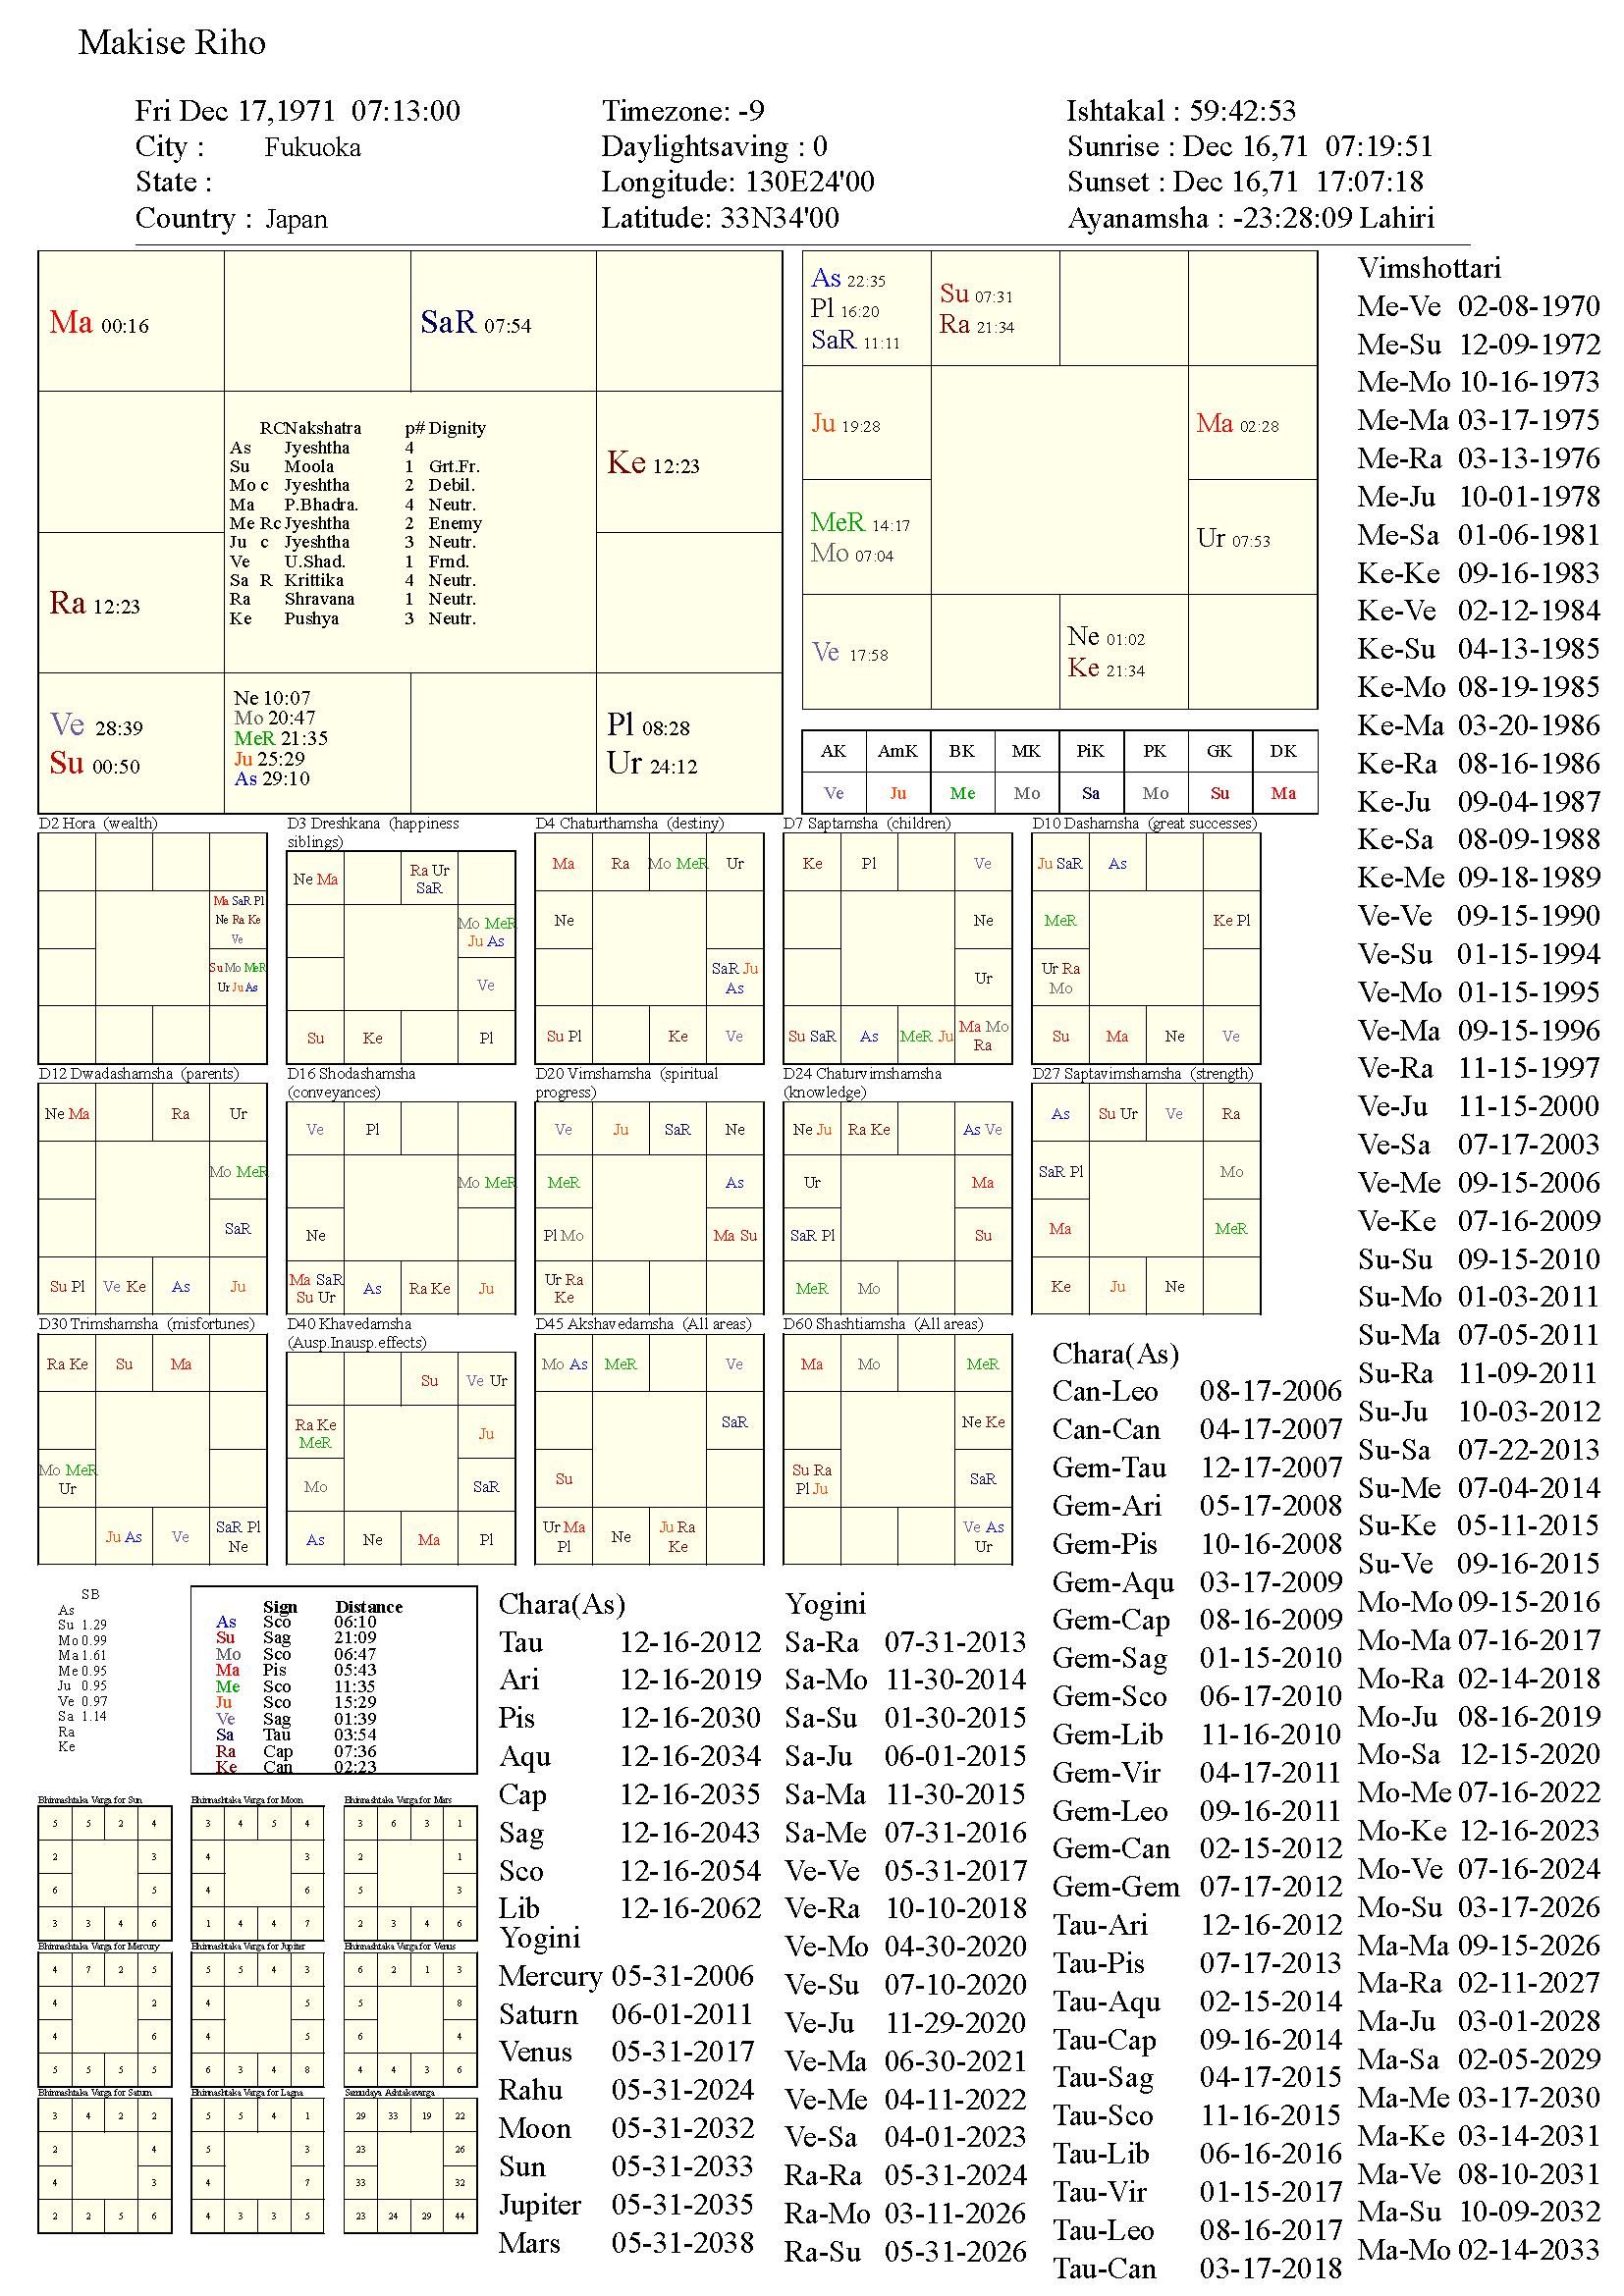 makiseriho_chart